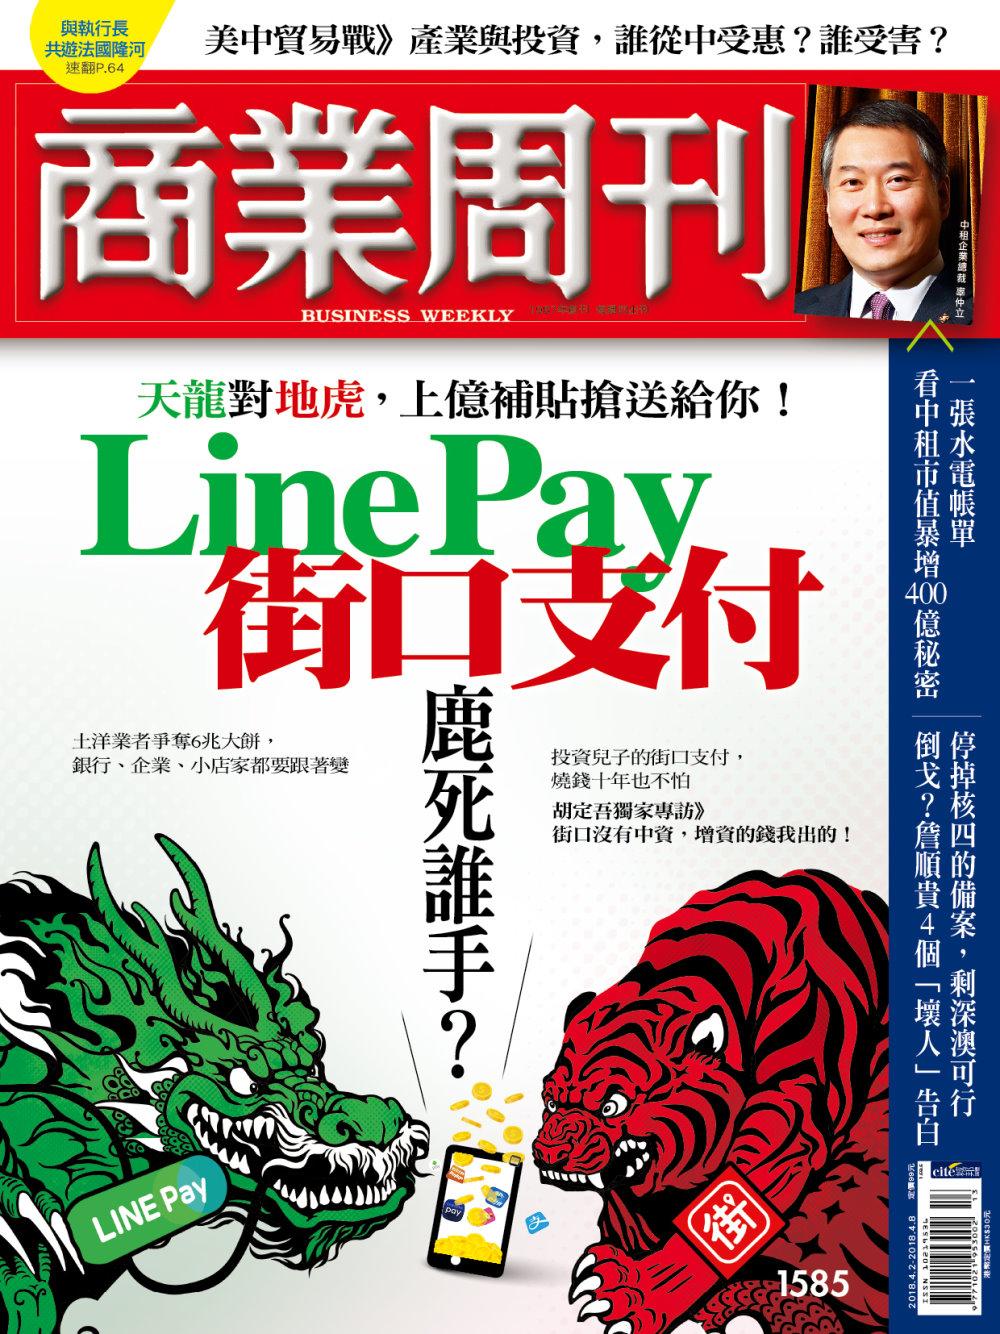 商業周刊 2018/3/29第1585期